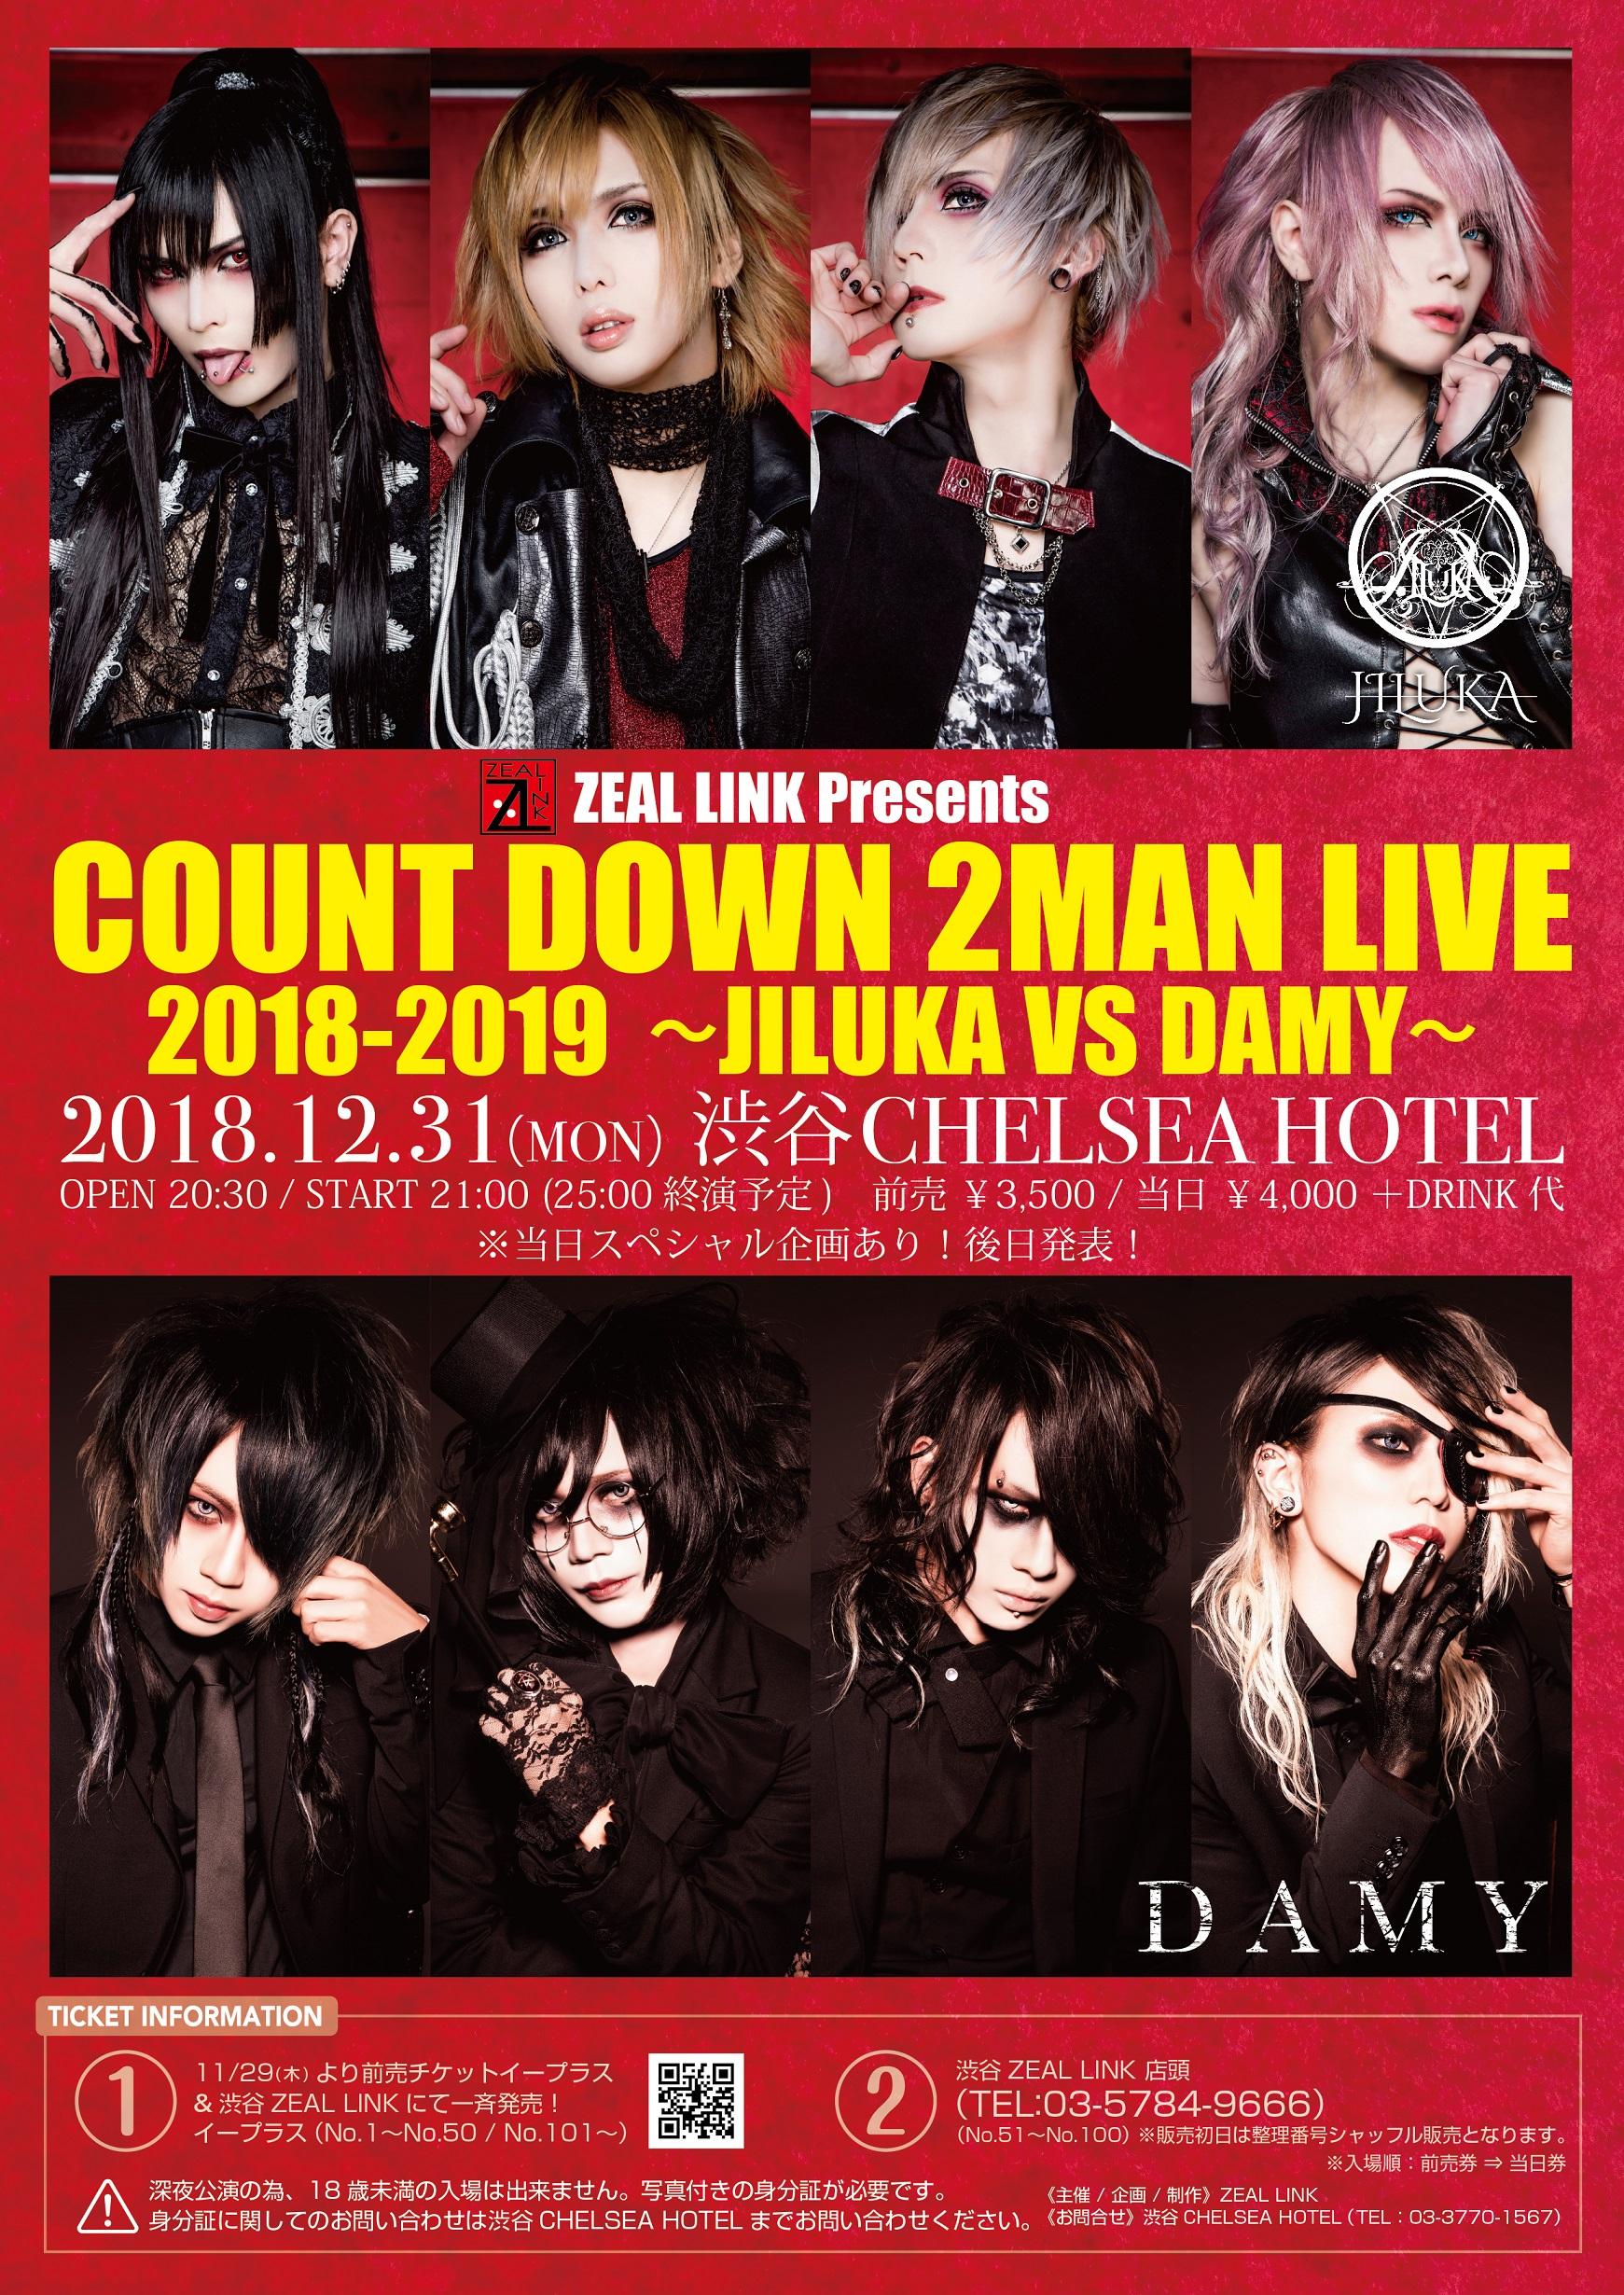 渋谷CHELSEA HOTEL